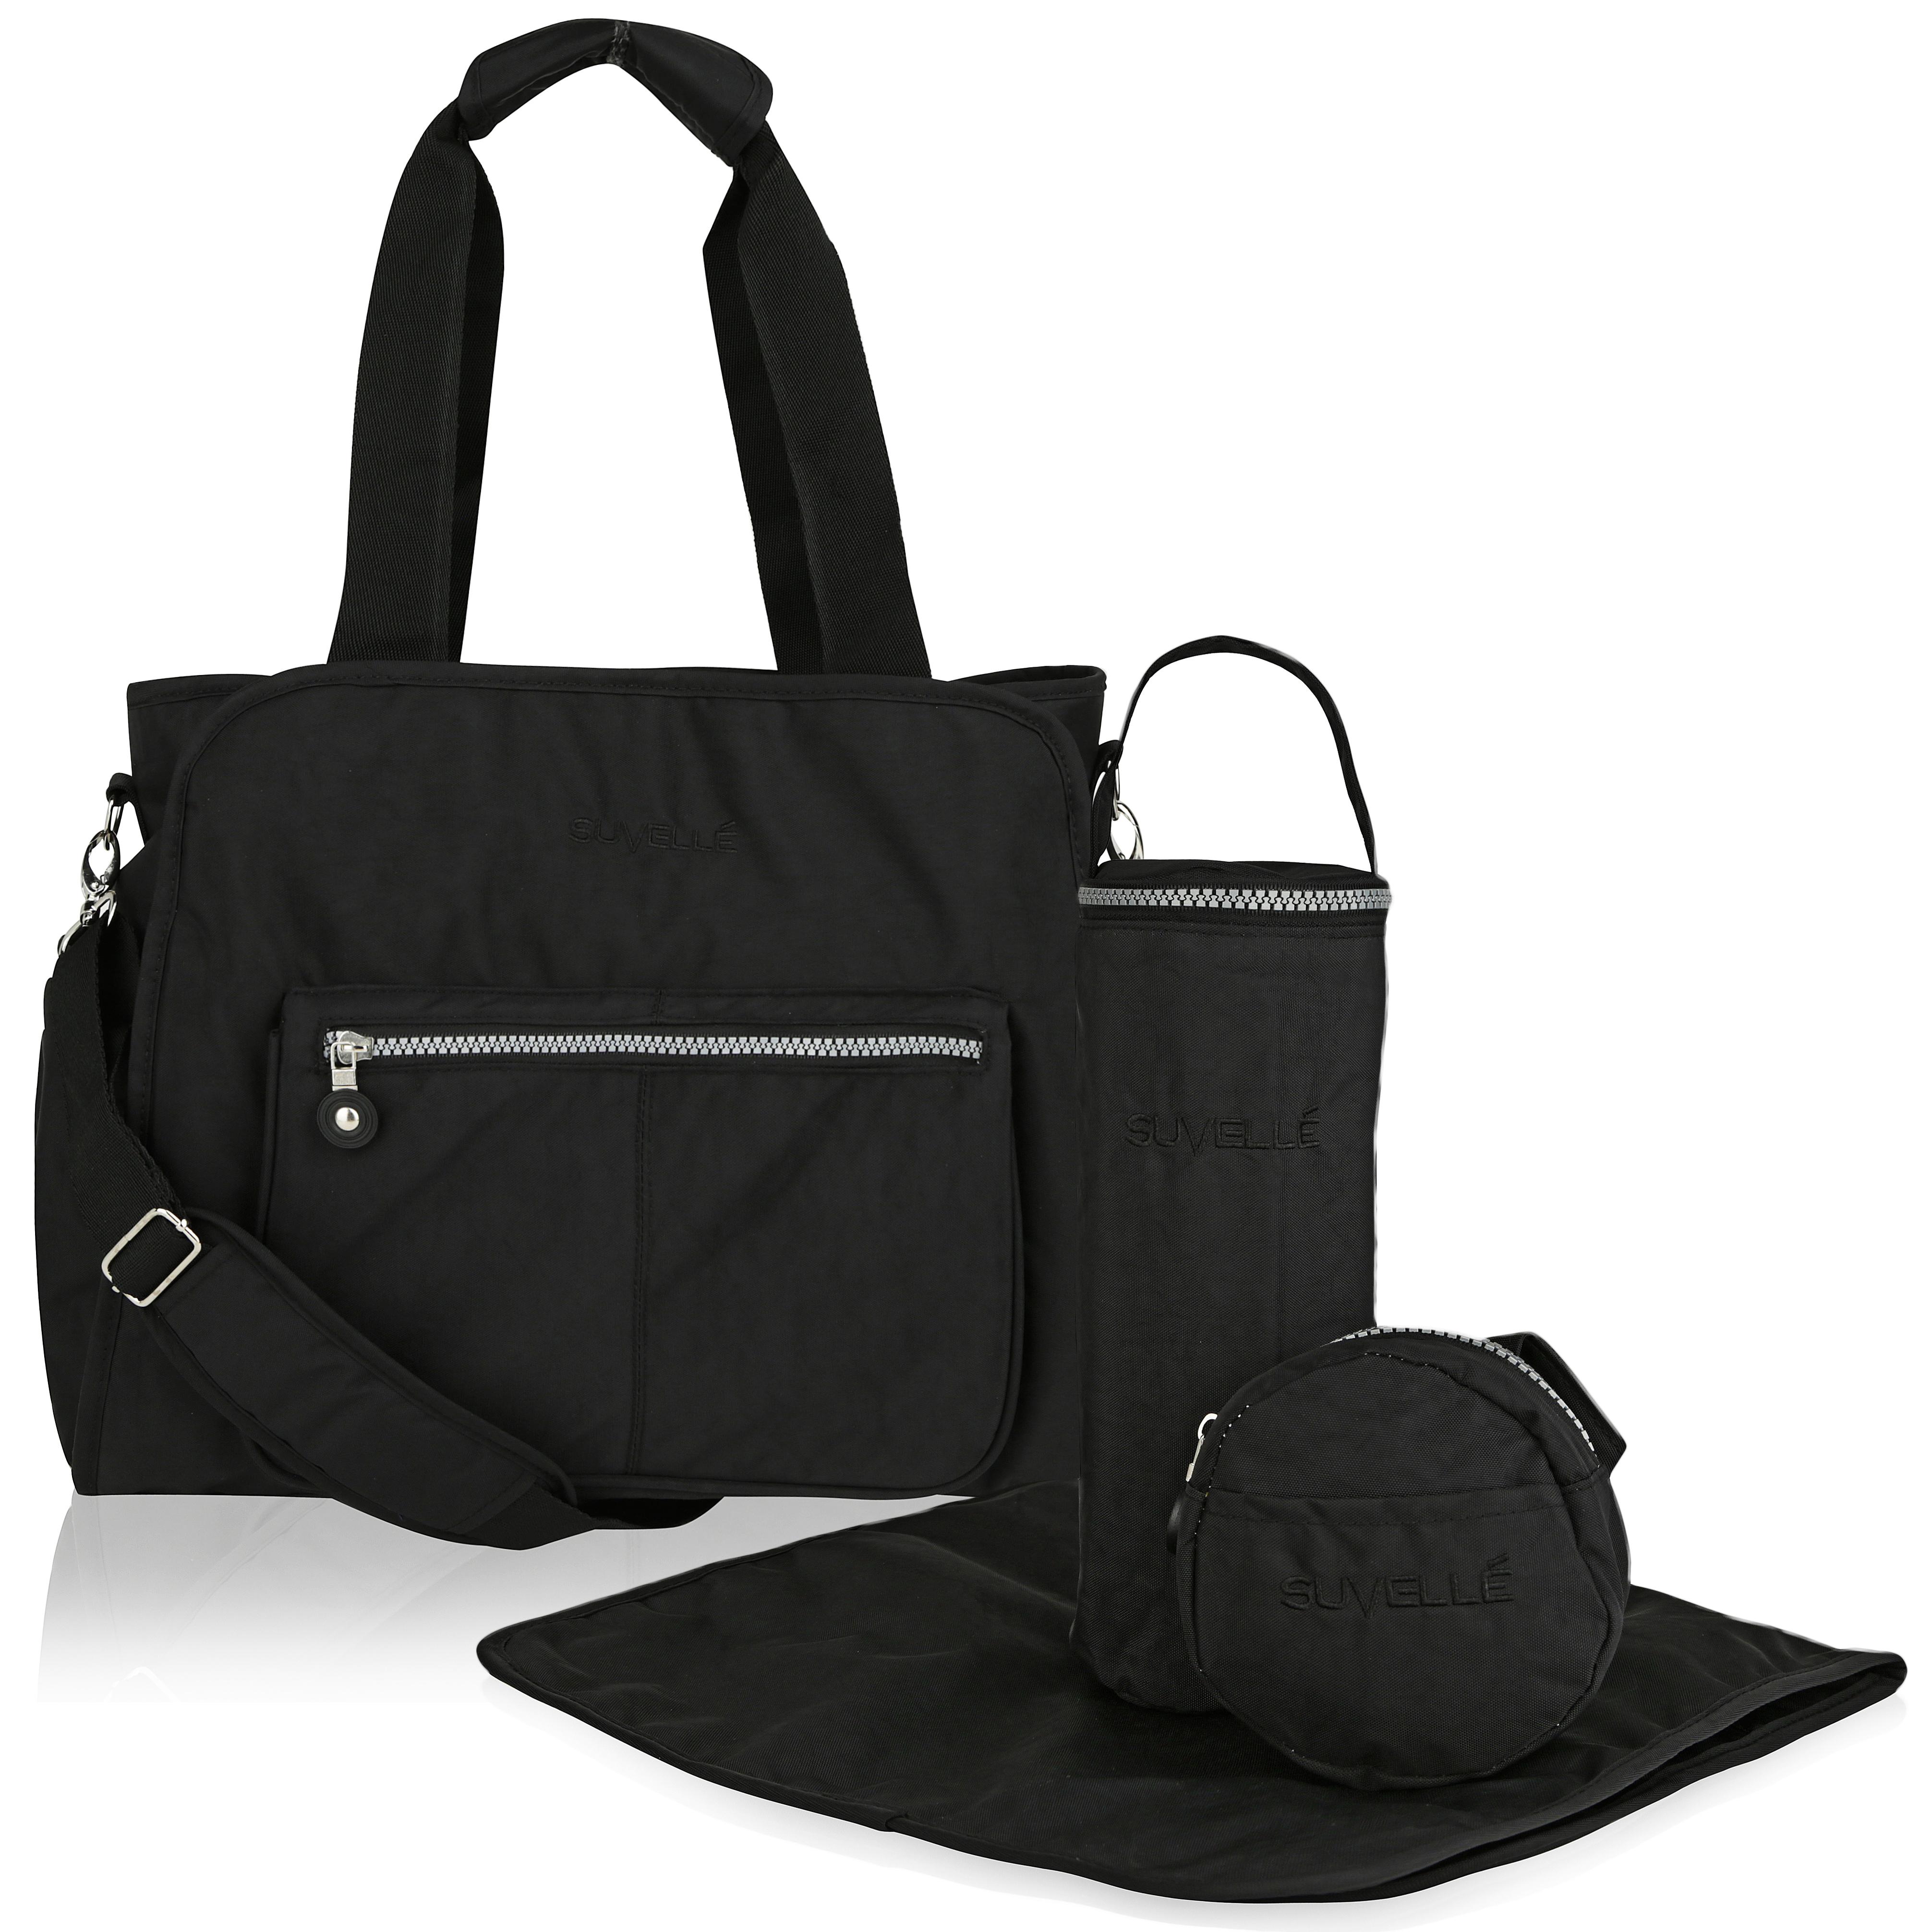 Suvelle 4-Piece RFID Travel Baby Diaper Bags Set eb72de8d22ed